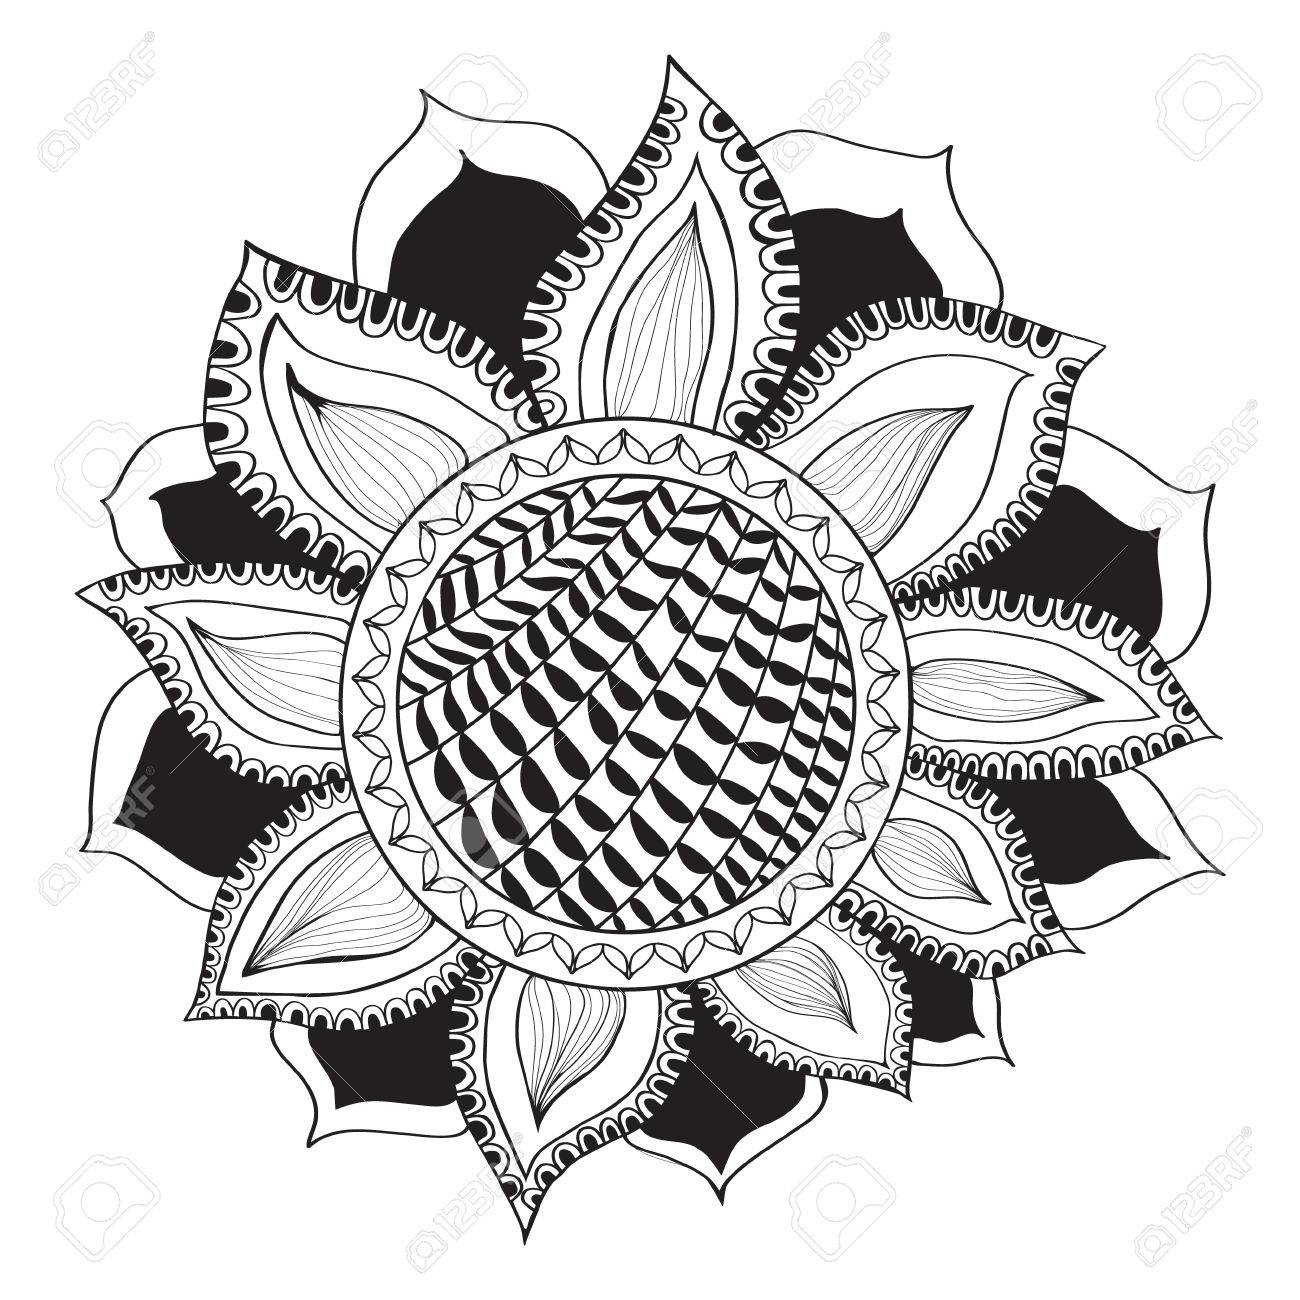 Groß Sonnenblumen Malvorlagen Zeitgenössisch - Beispiel Business ...